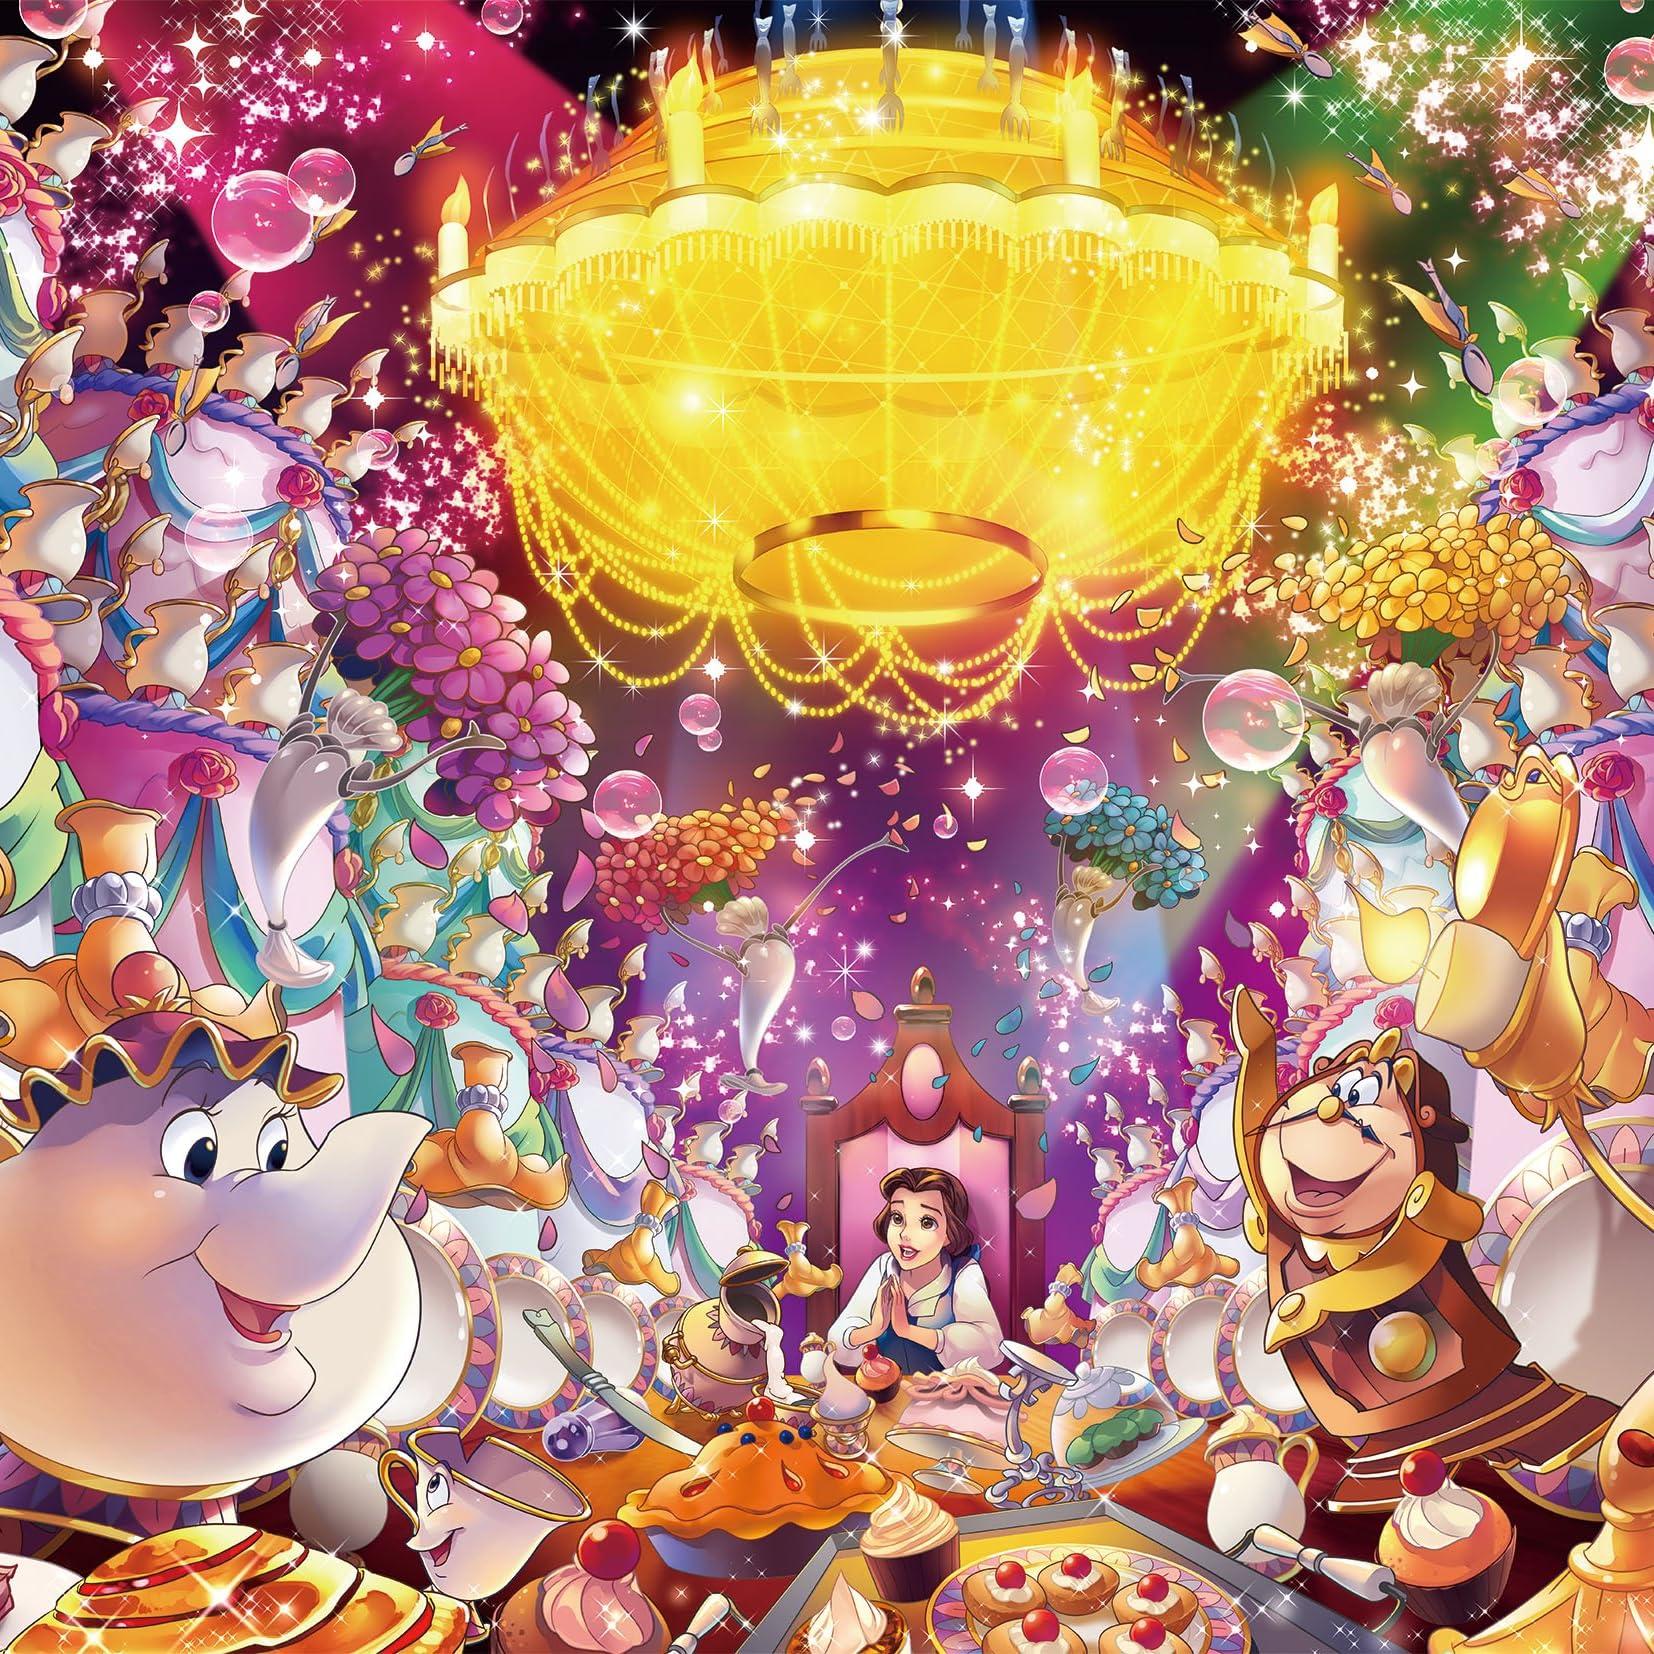 ディズニー 美女と野獣 ビー アワー ゲスト Ipad壁紙 画像73157 スマポ